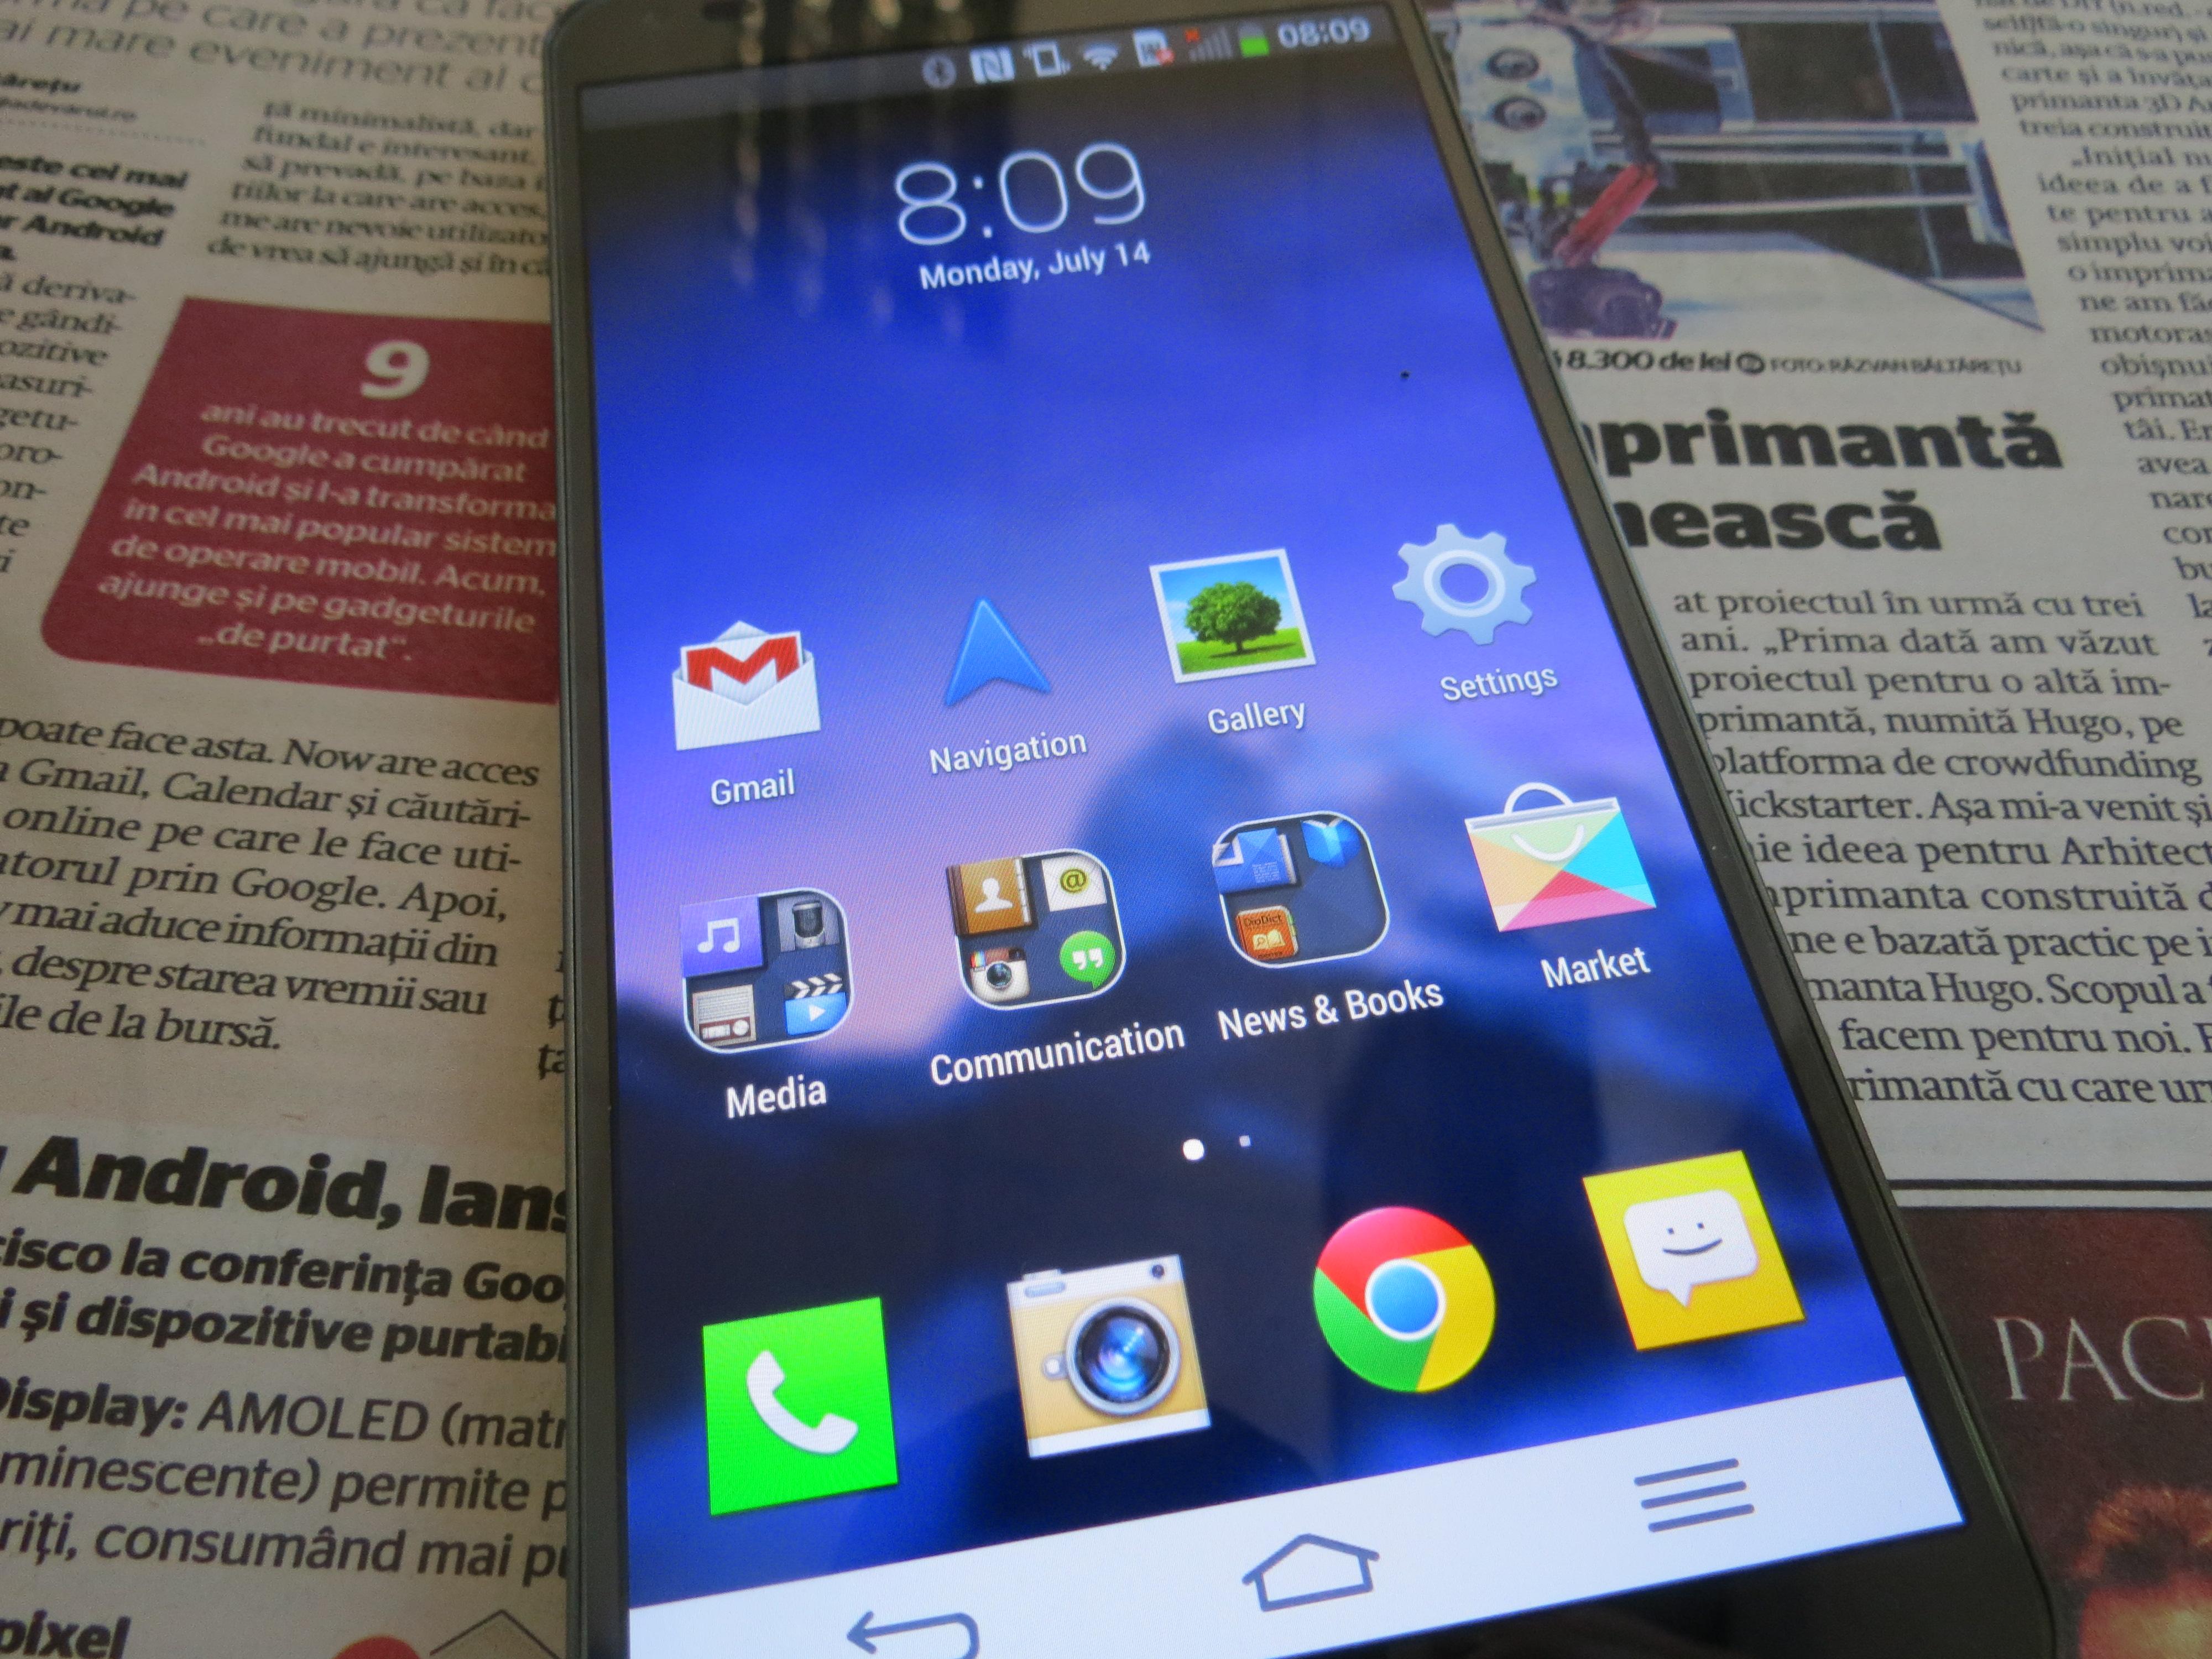 Apus, un launcher nou de Android care se bazează pe simplitate